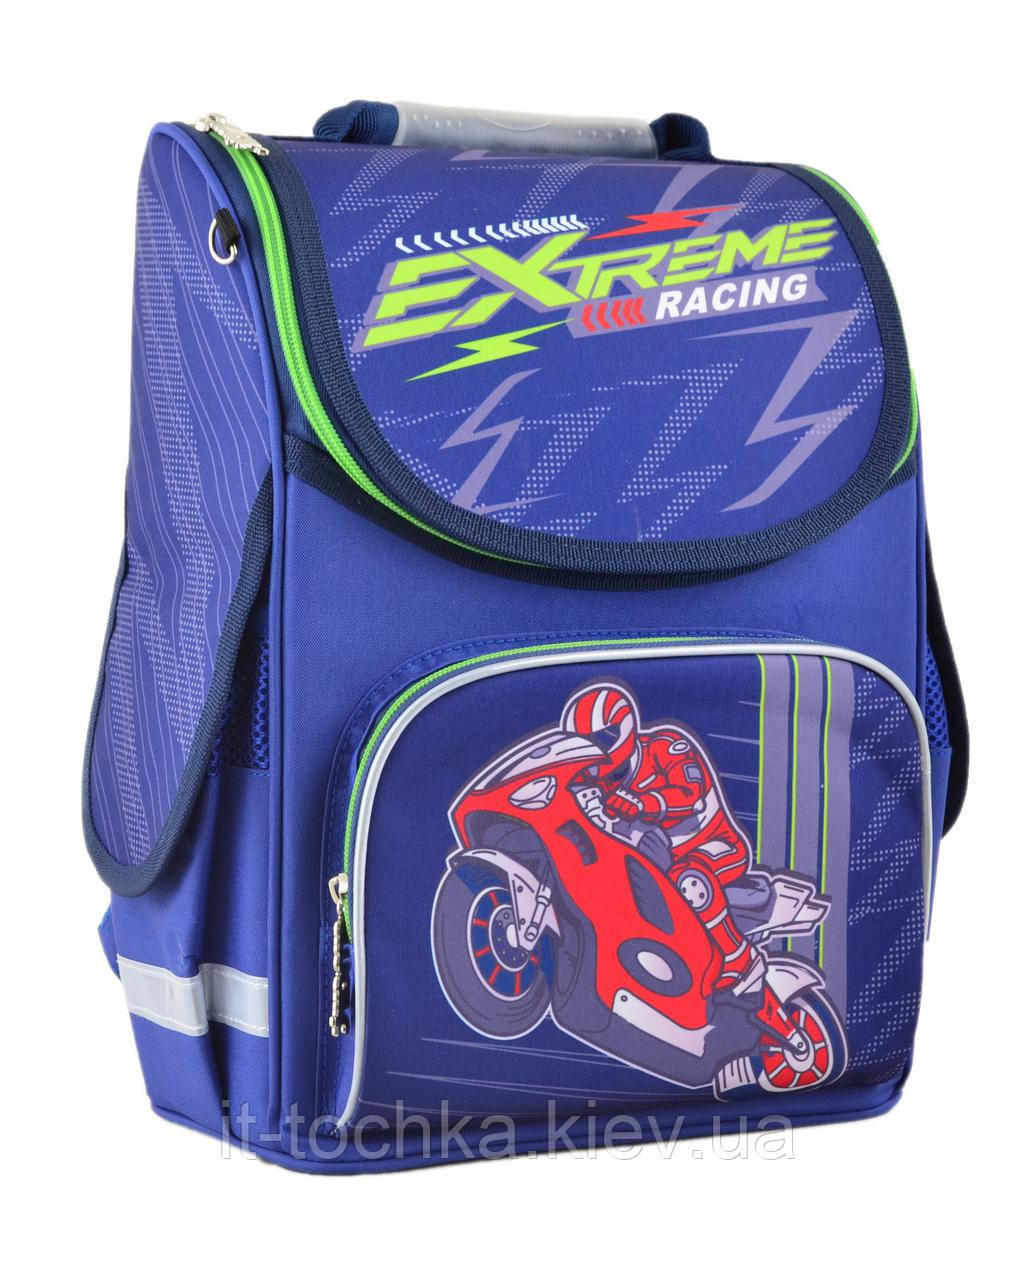 Рюкзак школьный каркасный smart pg-11 extreme racing, 34*26*14